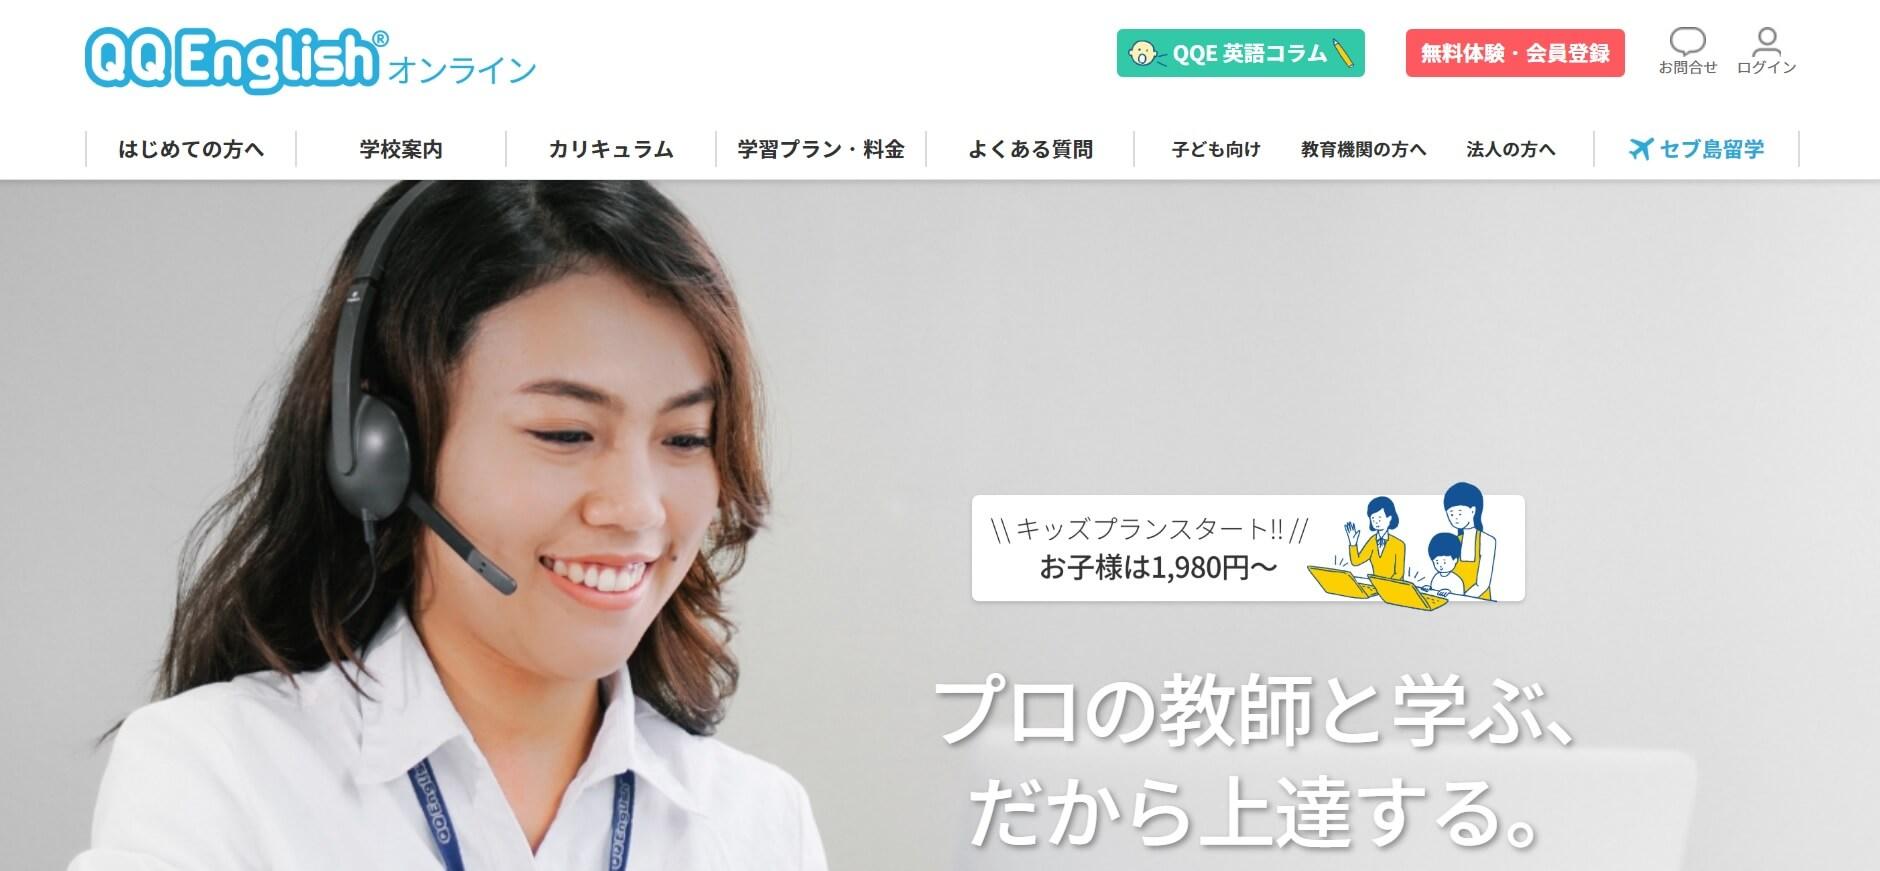 QQEnglish公式サイト